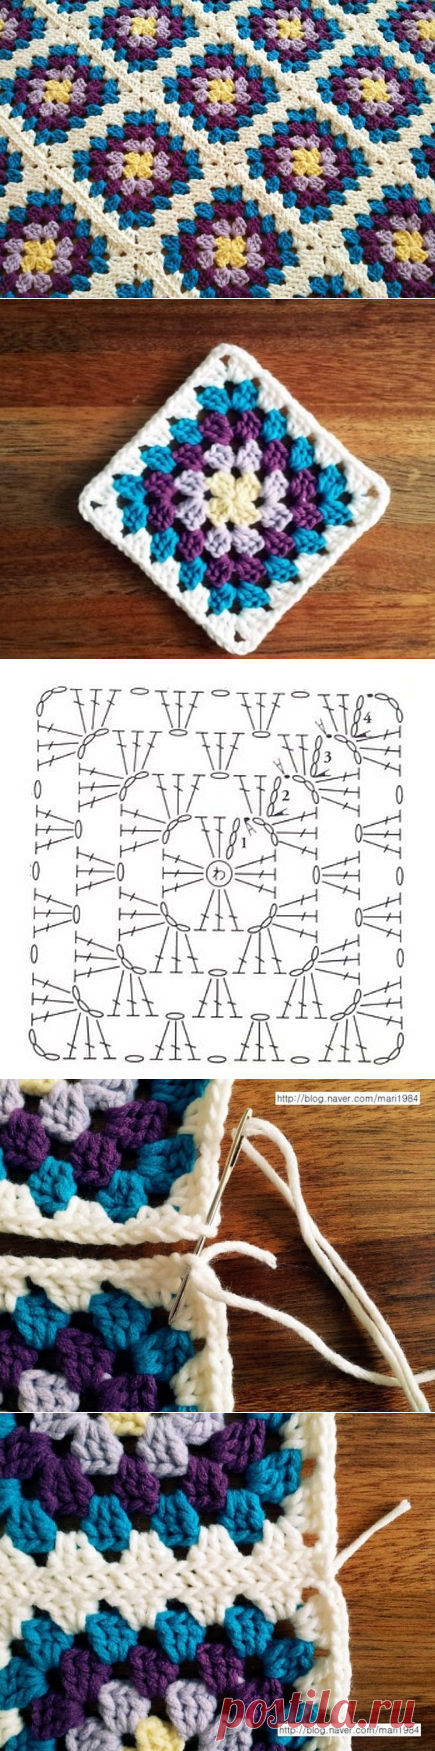 Вязание крючком. Коврик из квадратных цветных мотивов